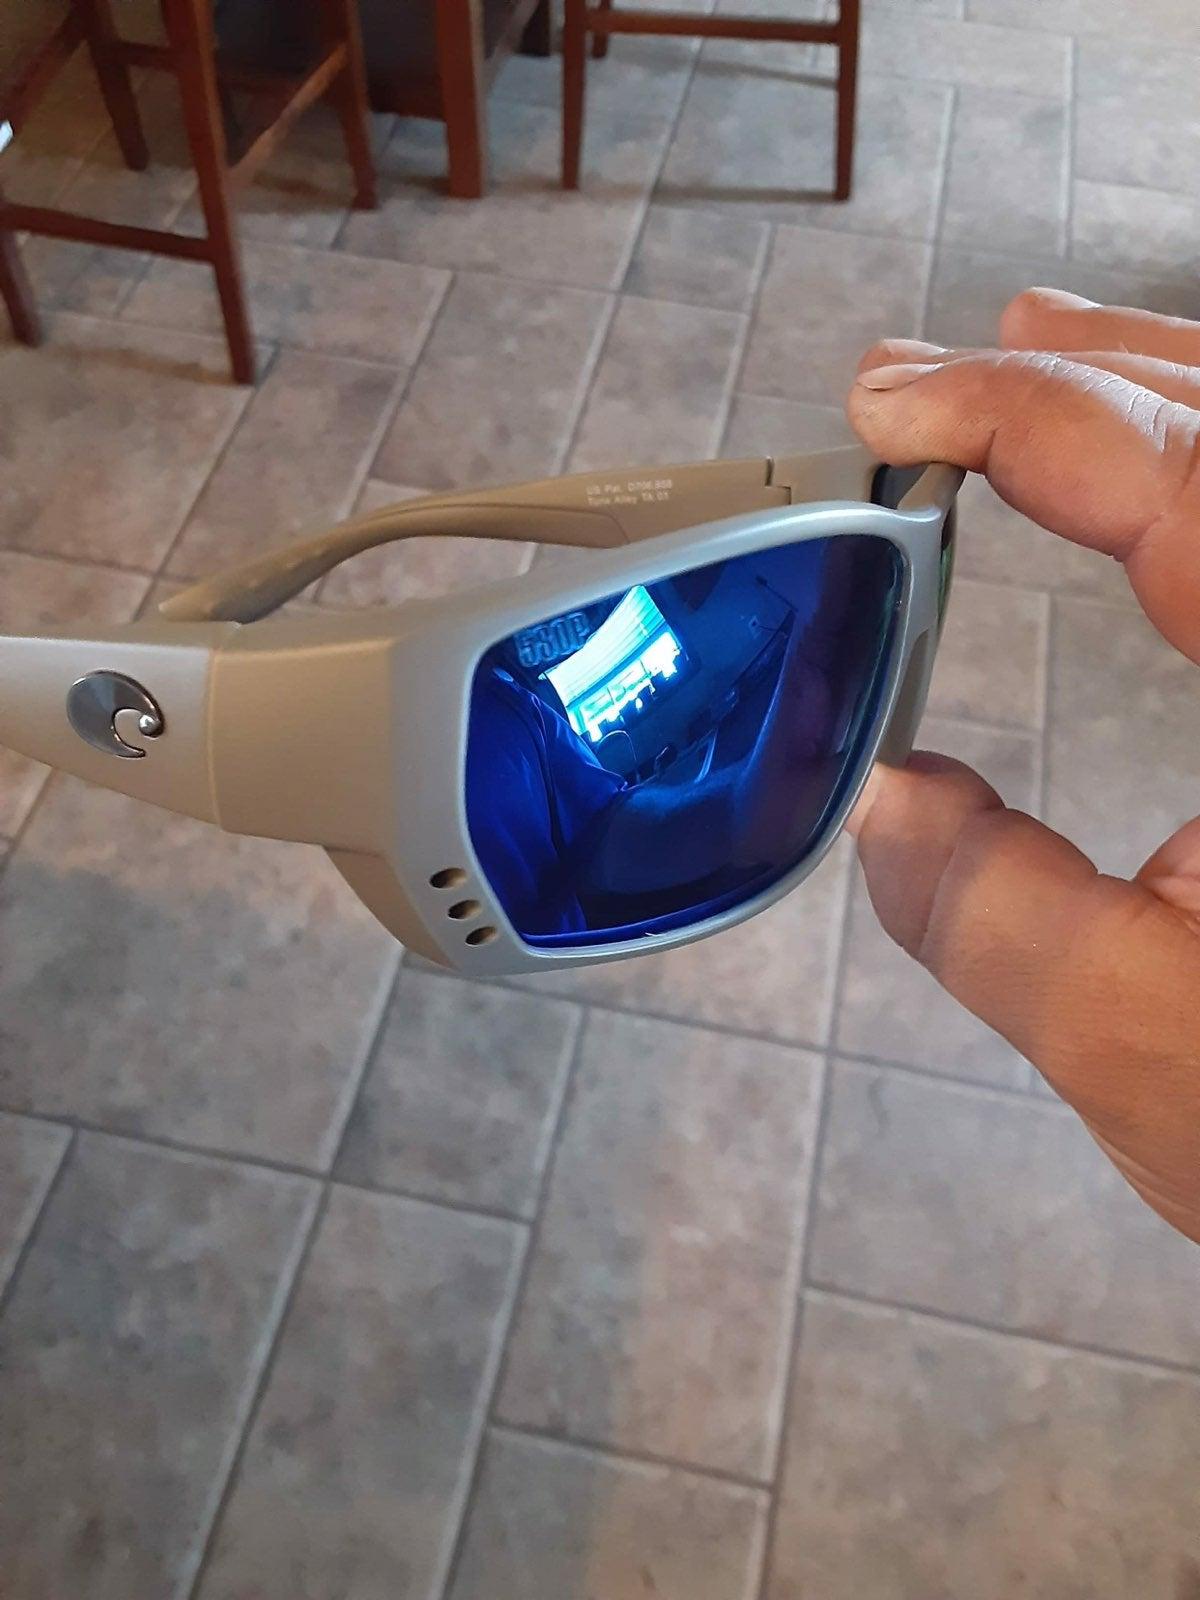 580p tuna alley Costa sunglasses